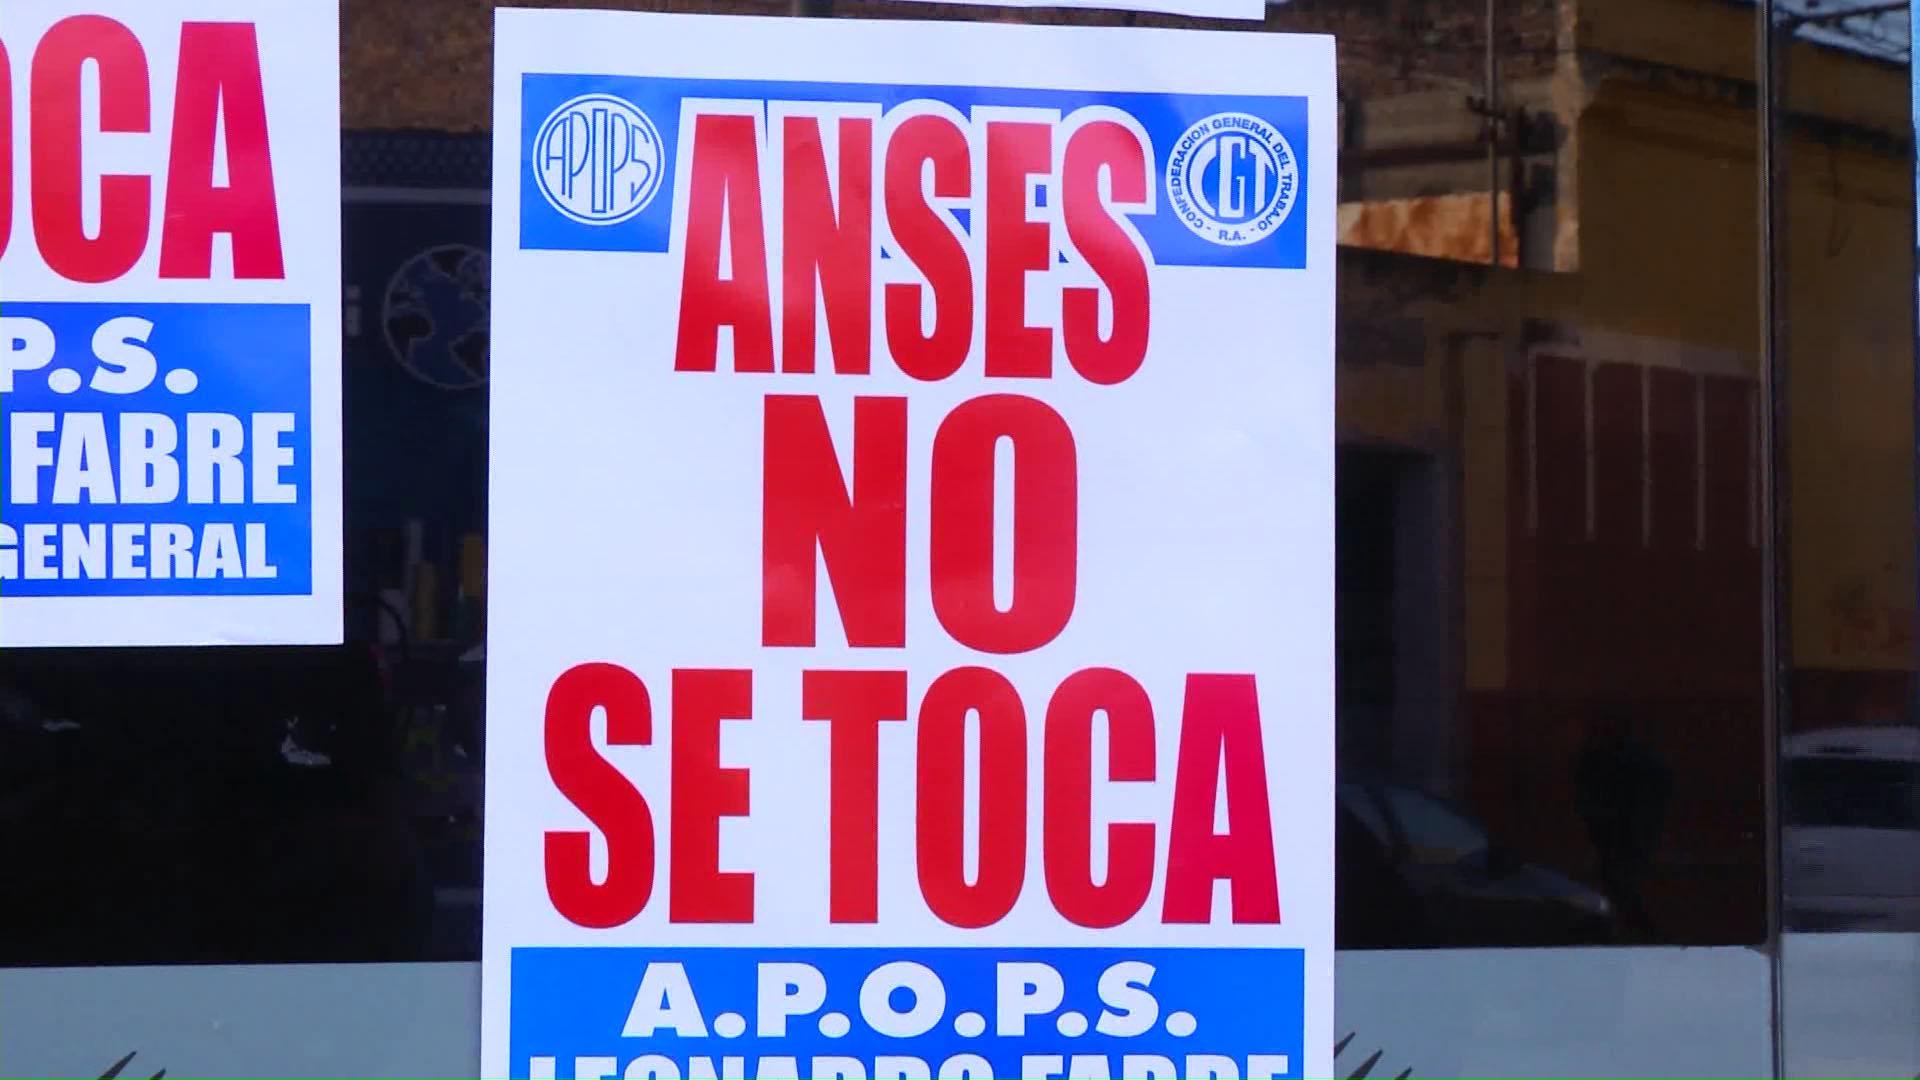 El FMI le exige a Macri que liquide el ANSES y venda las acciones las del Fondo de Garantía de Sustentabilidad (FGS)